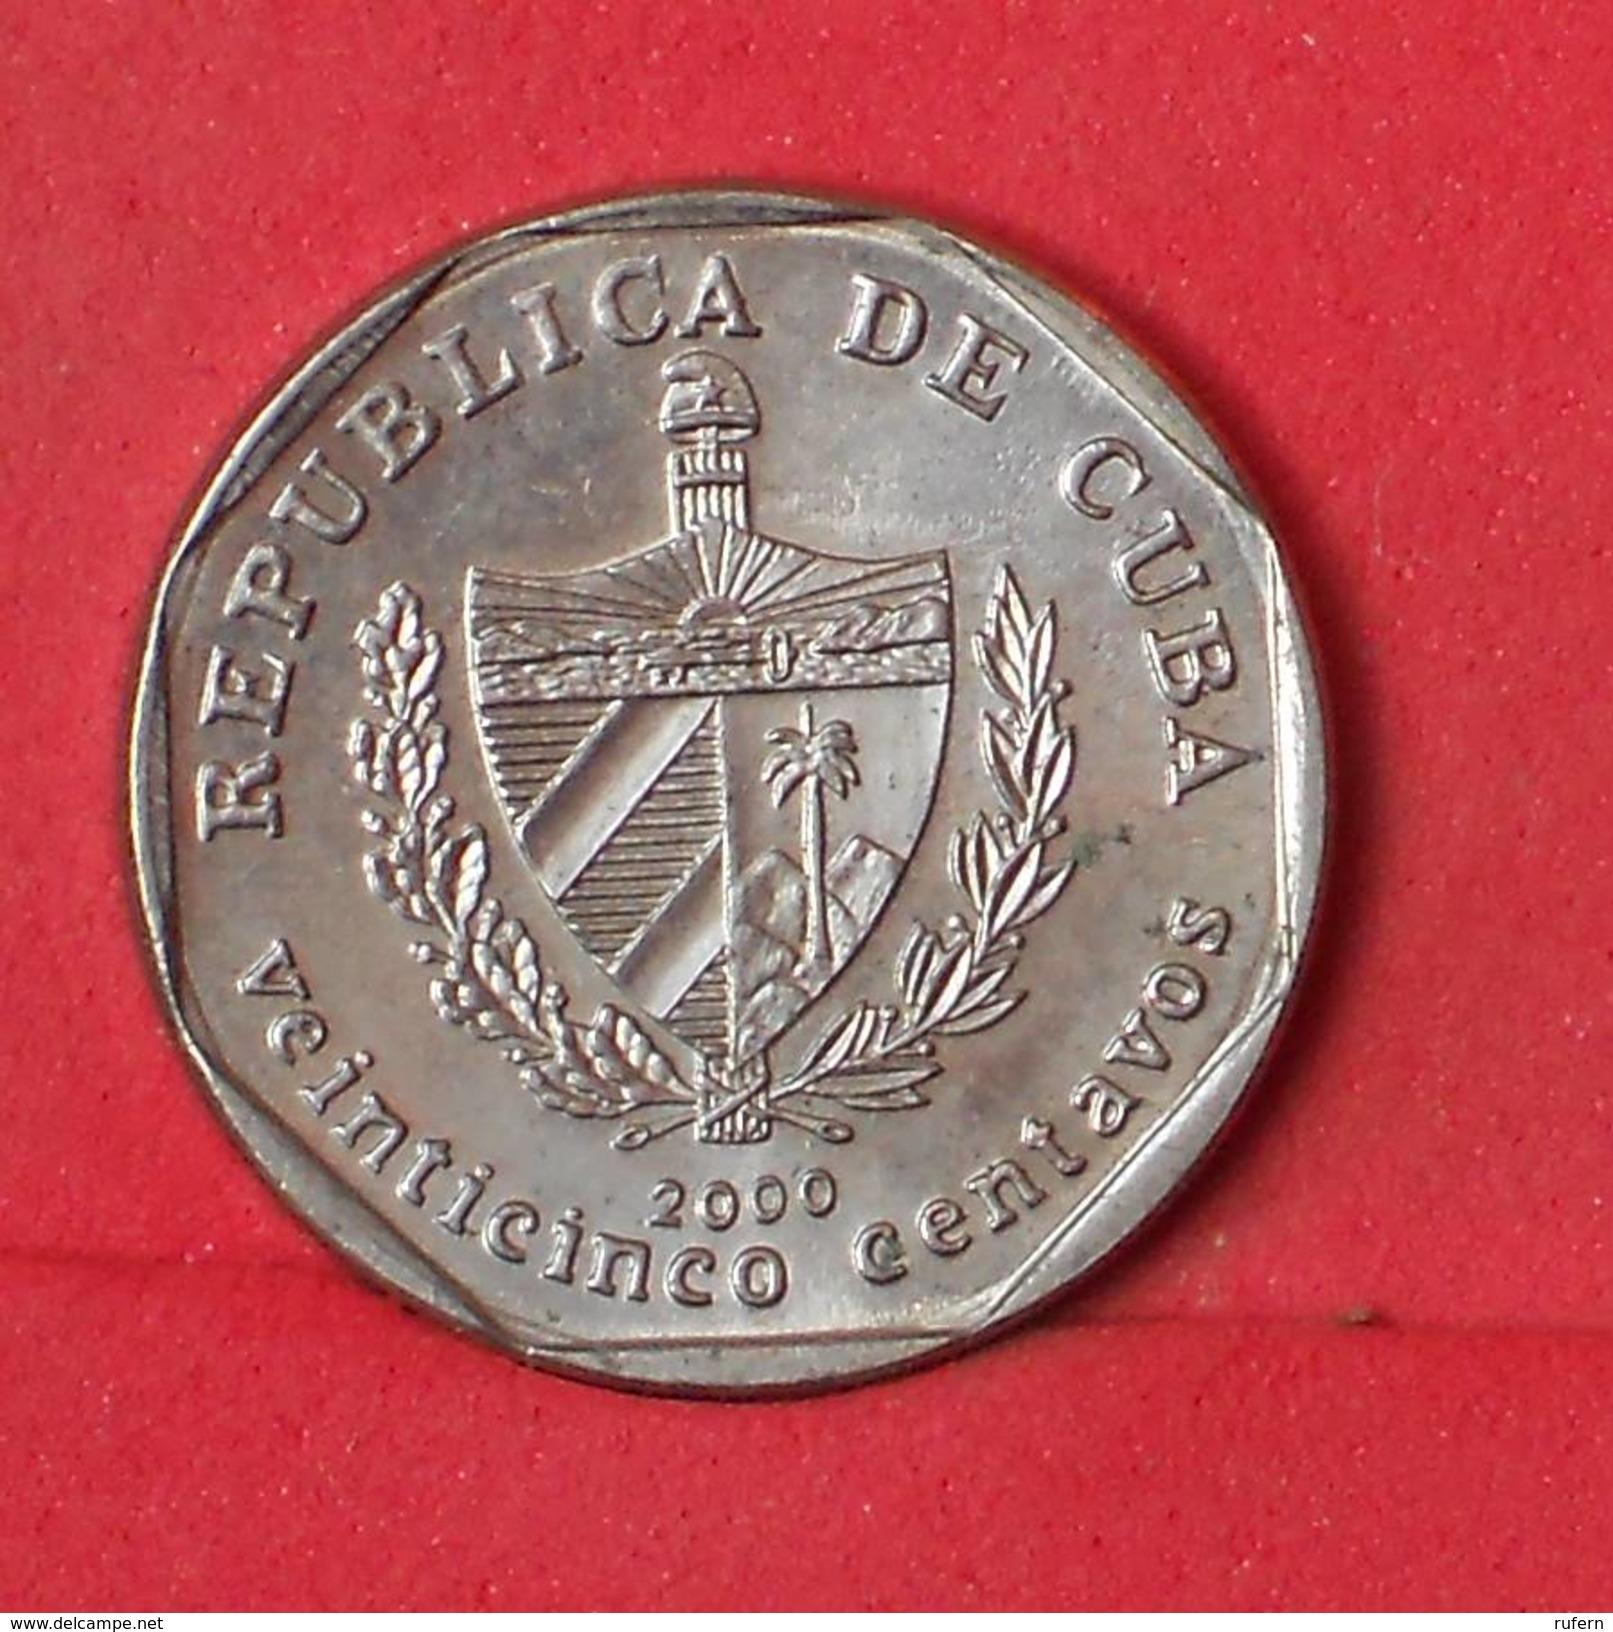 CUBA 25 CENTIMOS 2000 -    KM# 577,2 - (Nº17389) - Cuba